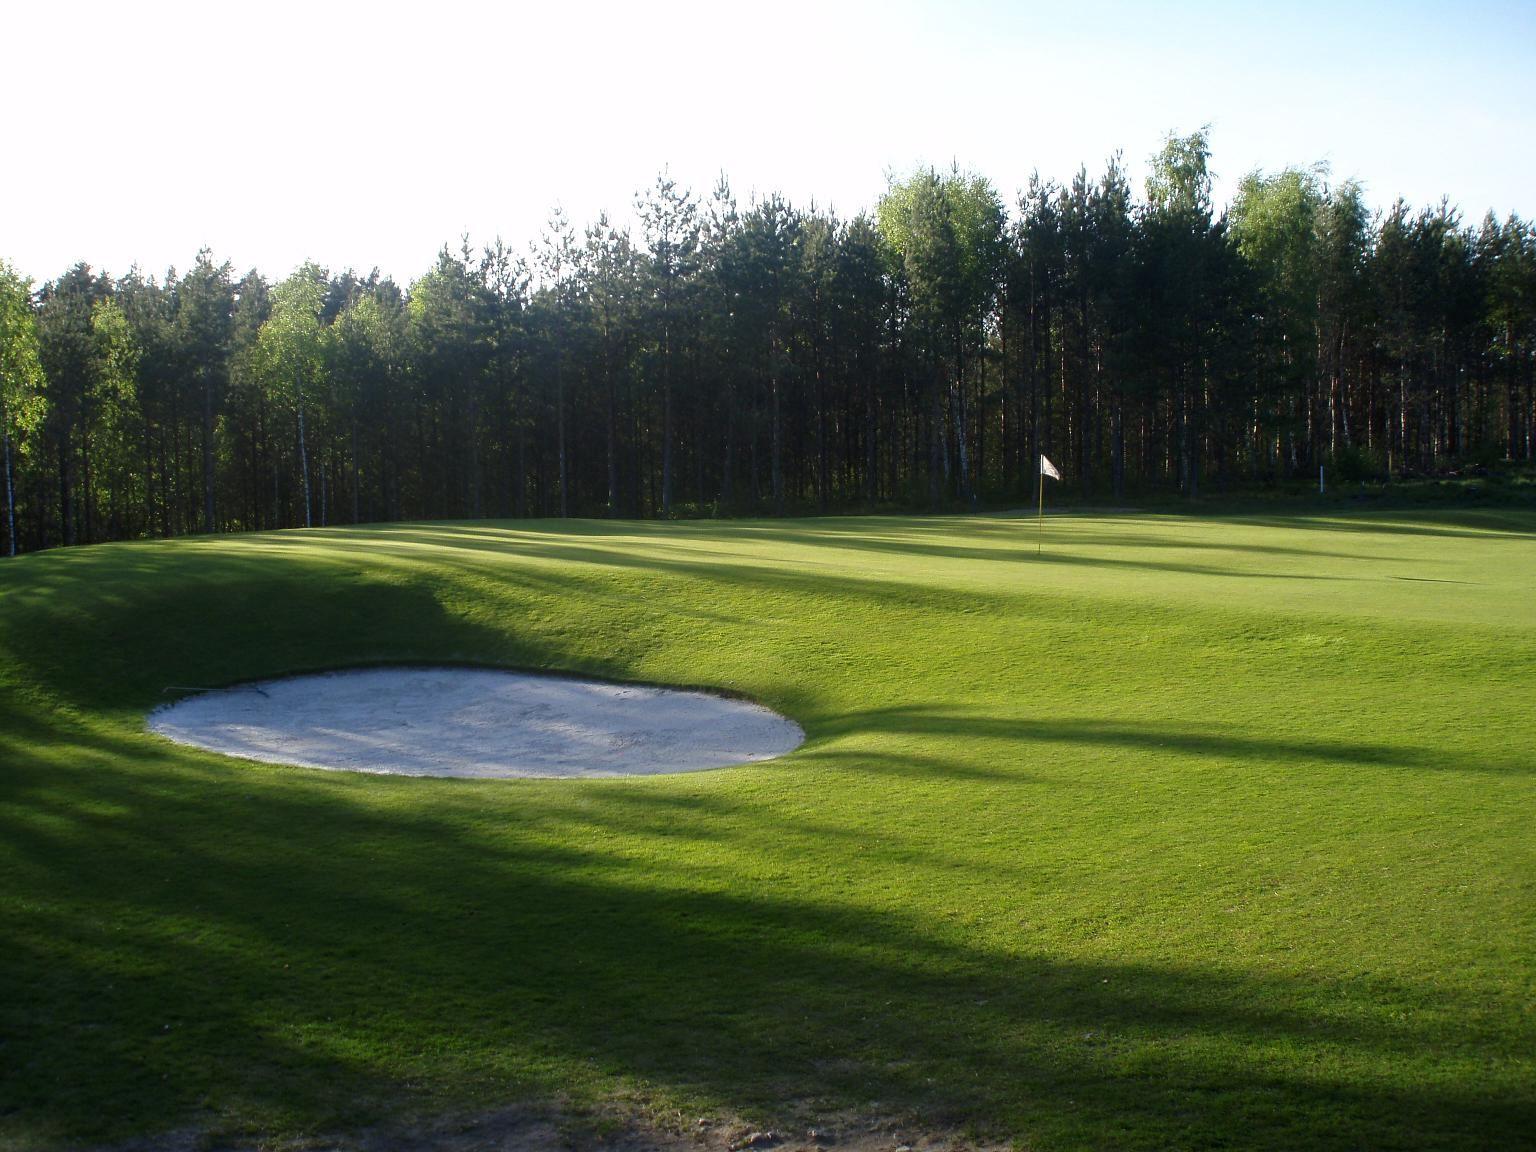 Sjöbo Golf Club